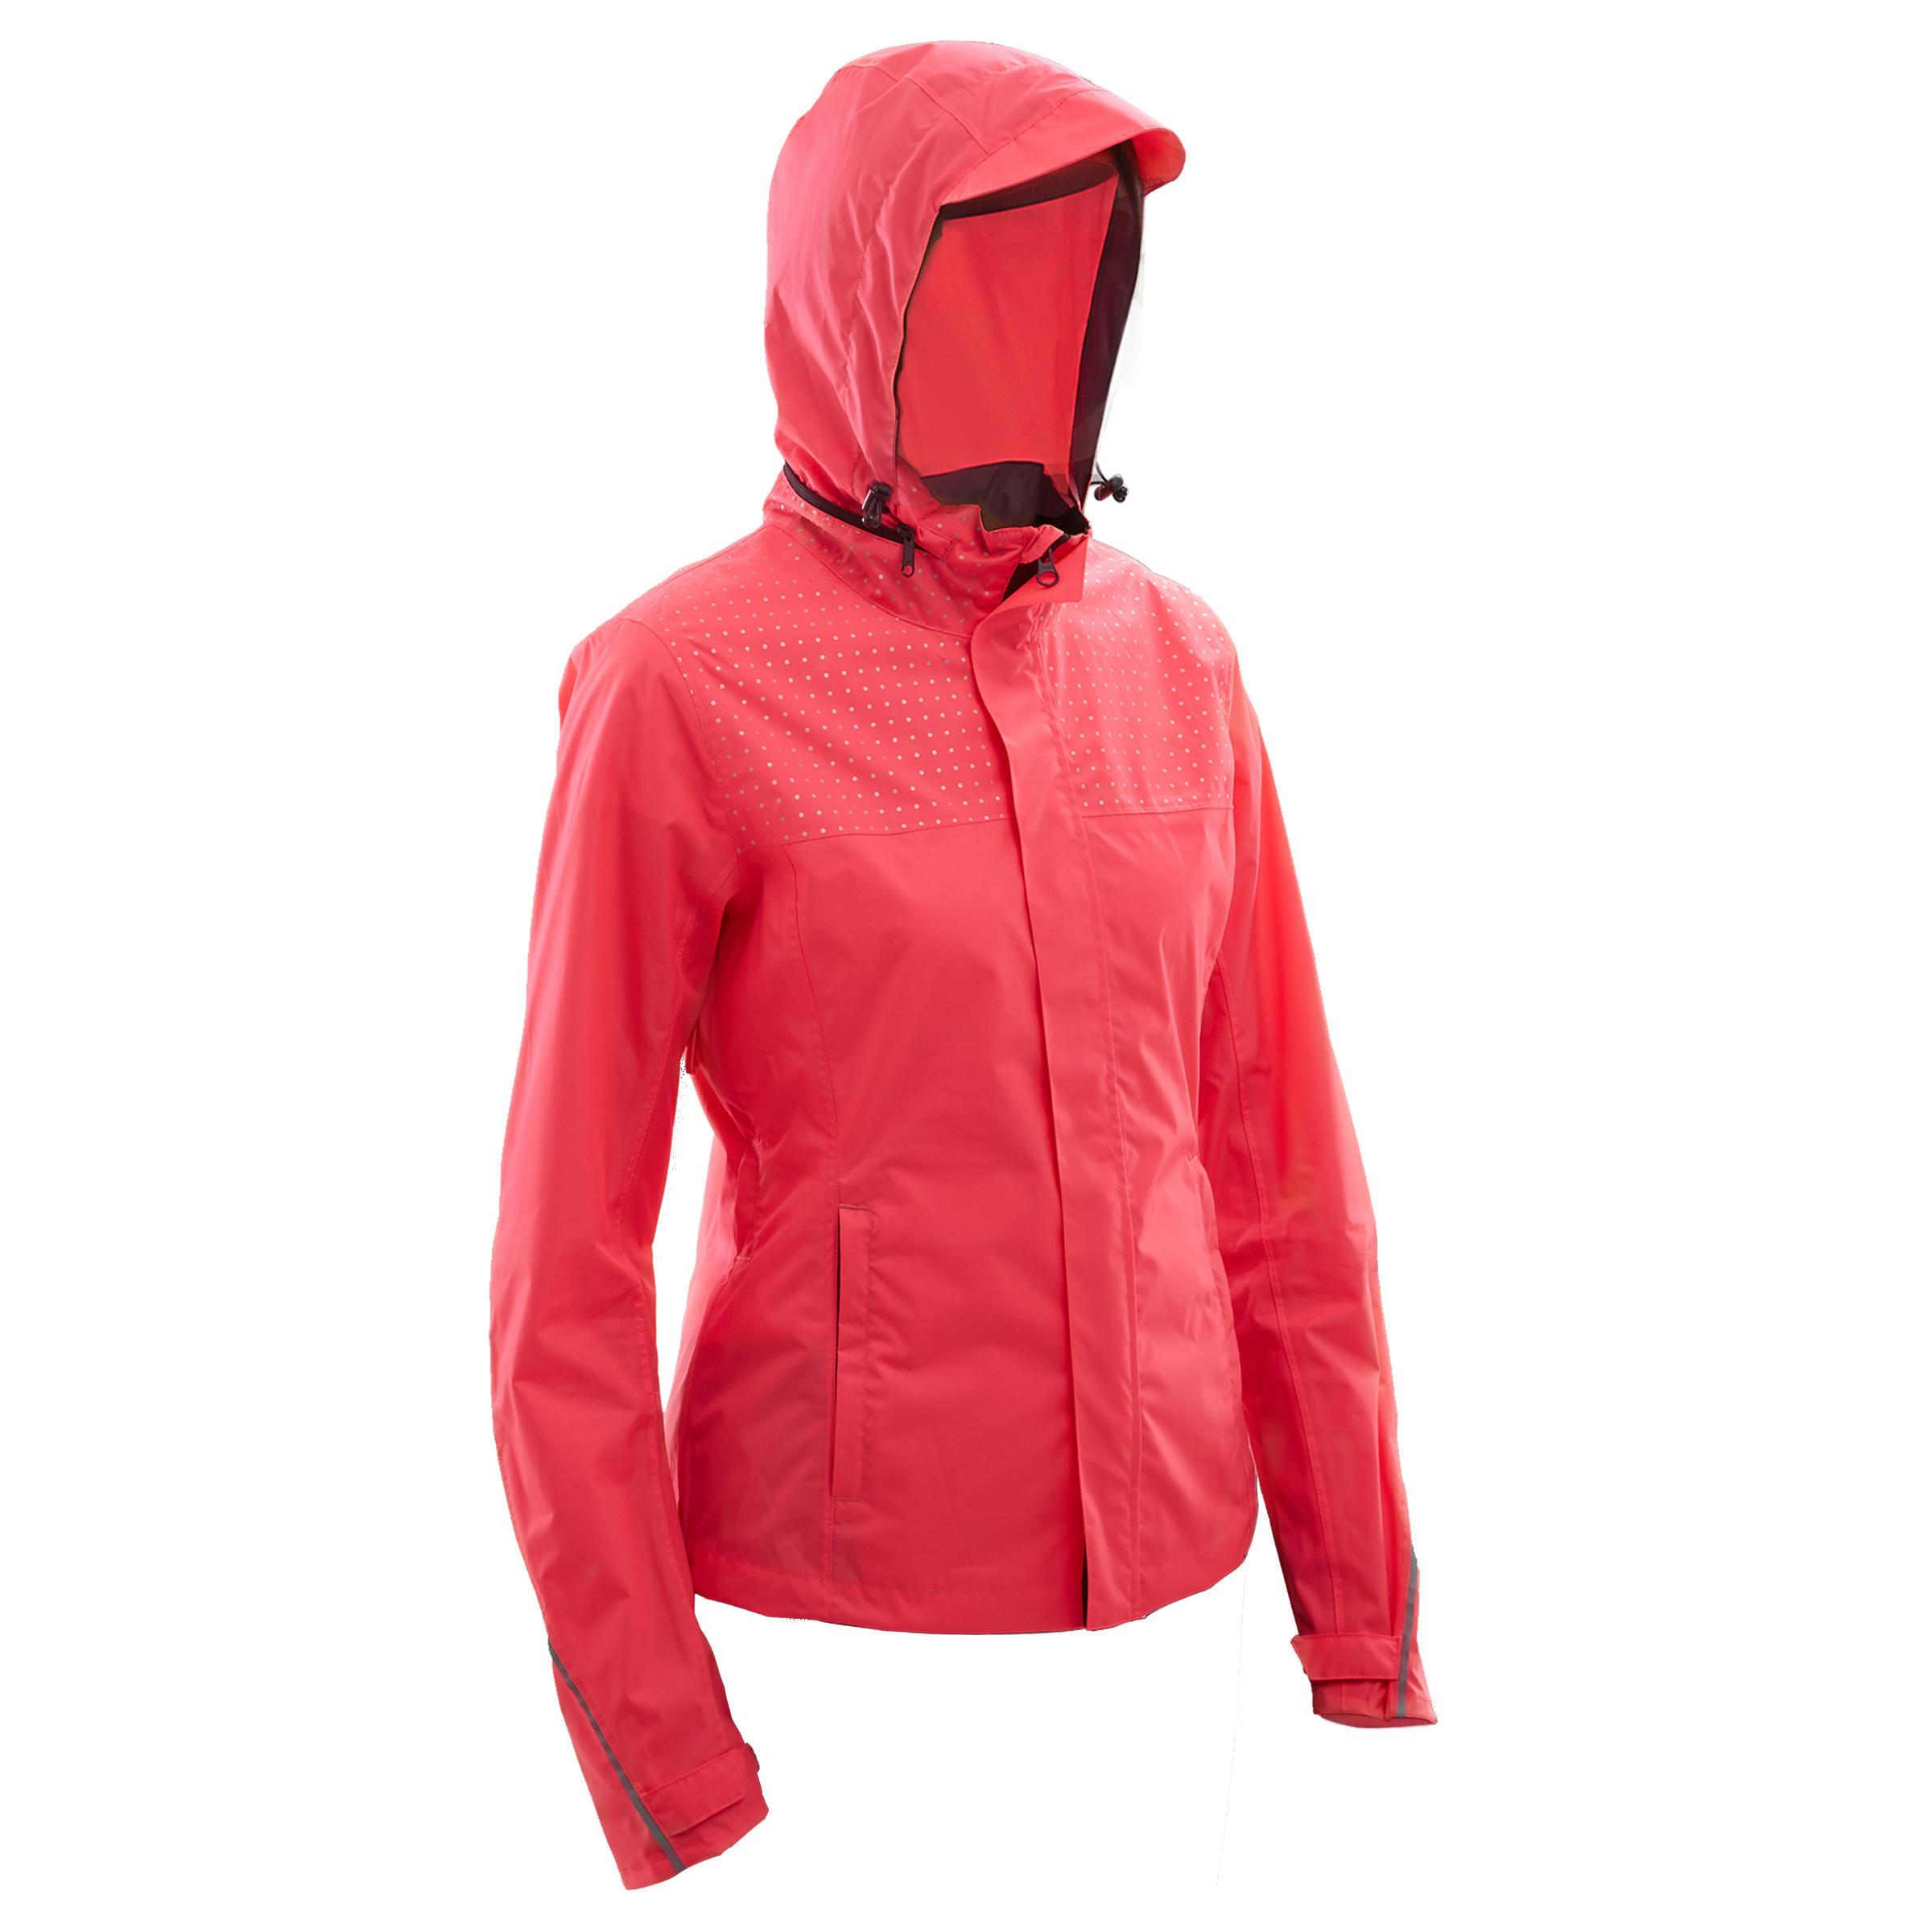 Fahrrad-Regenjacke City 100 Damen rosa   Sportbekleidung > Sportjacken > Regenjacken   Btwin